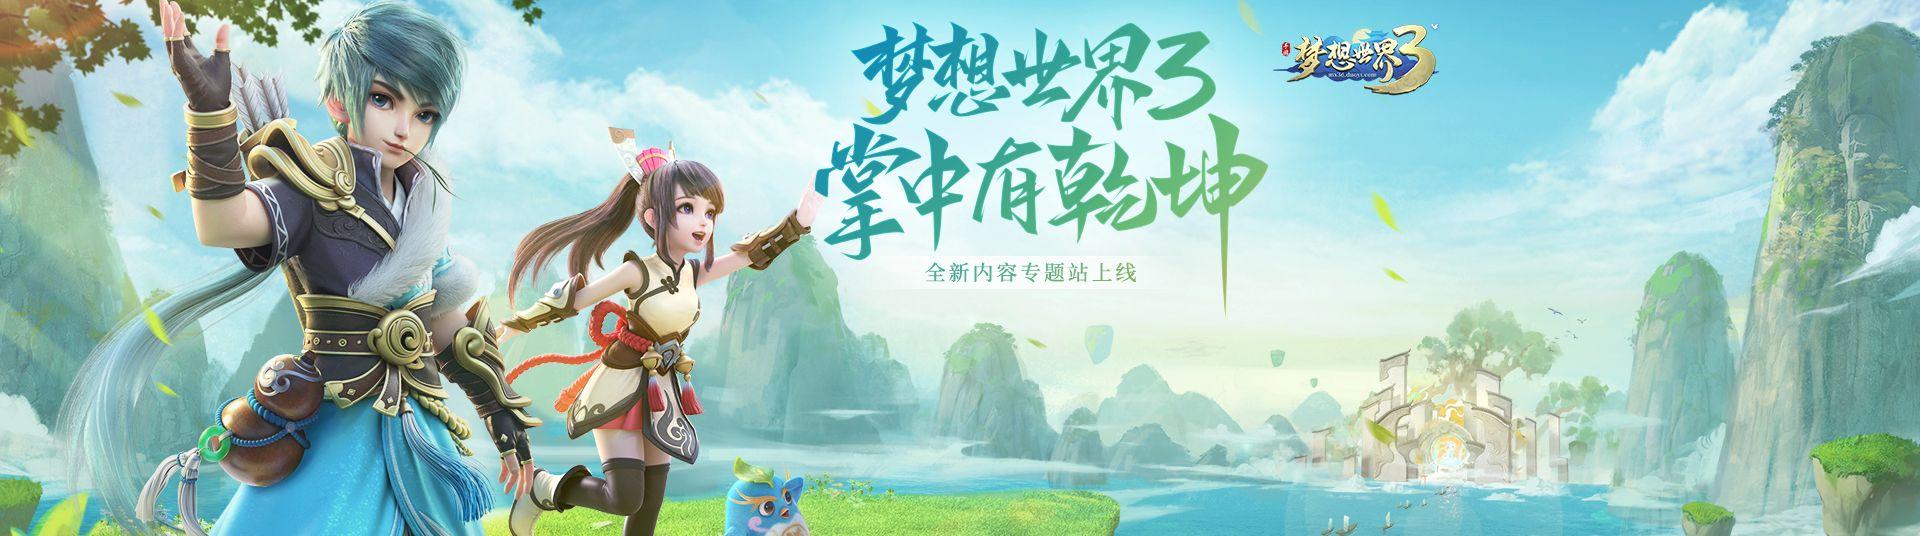 《梦想世界3》手游全新内容专题站来了!